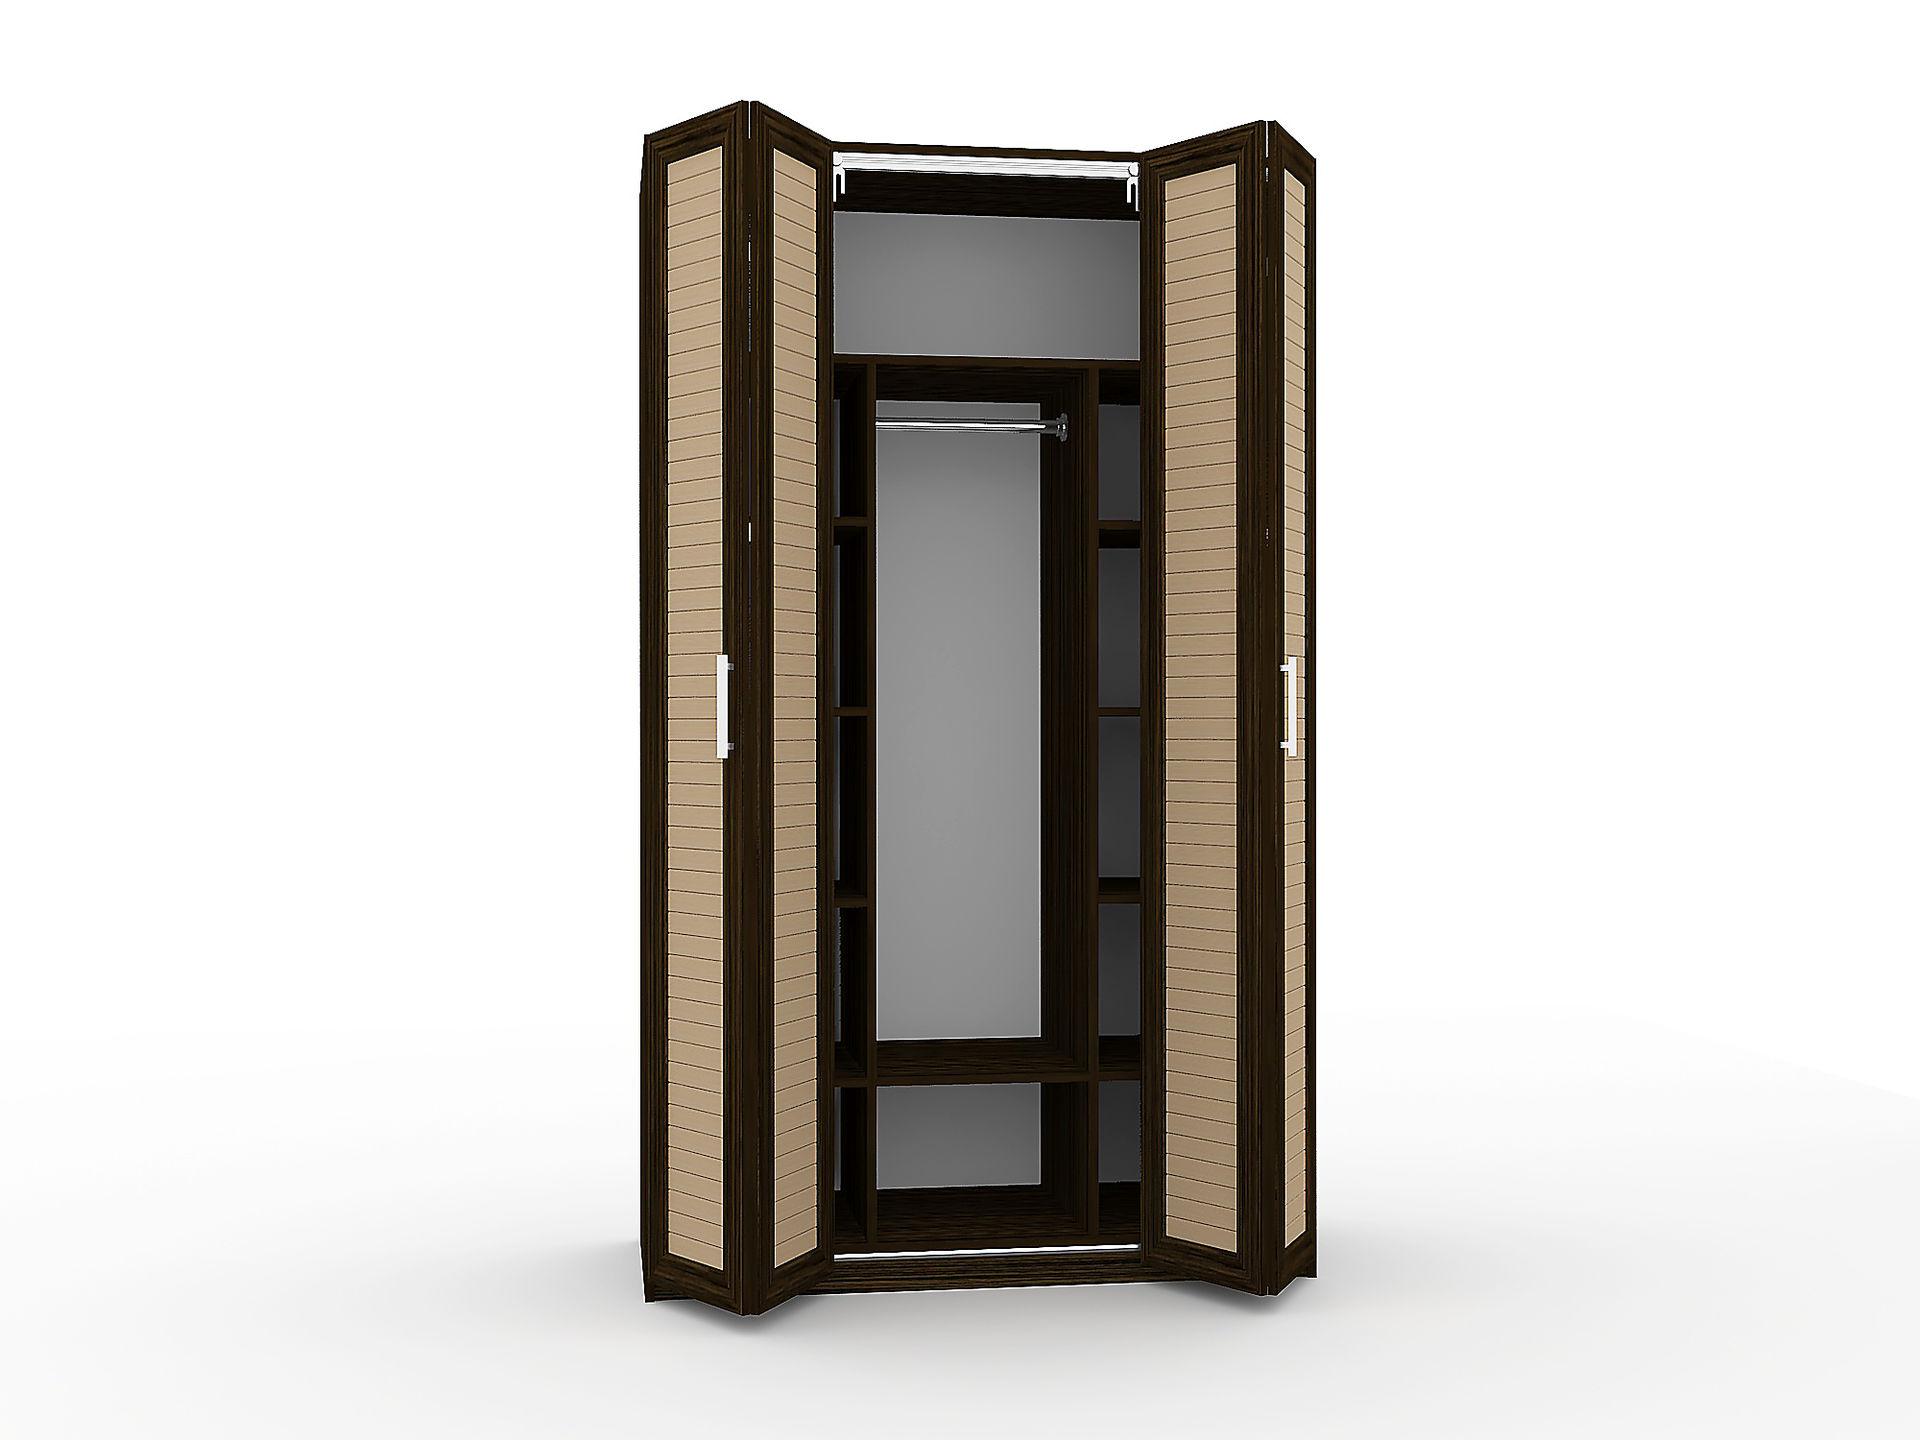 шкаф гармошка с открытыми дверями